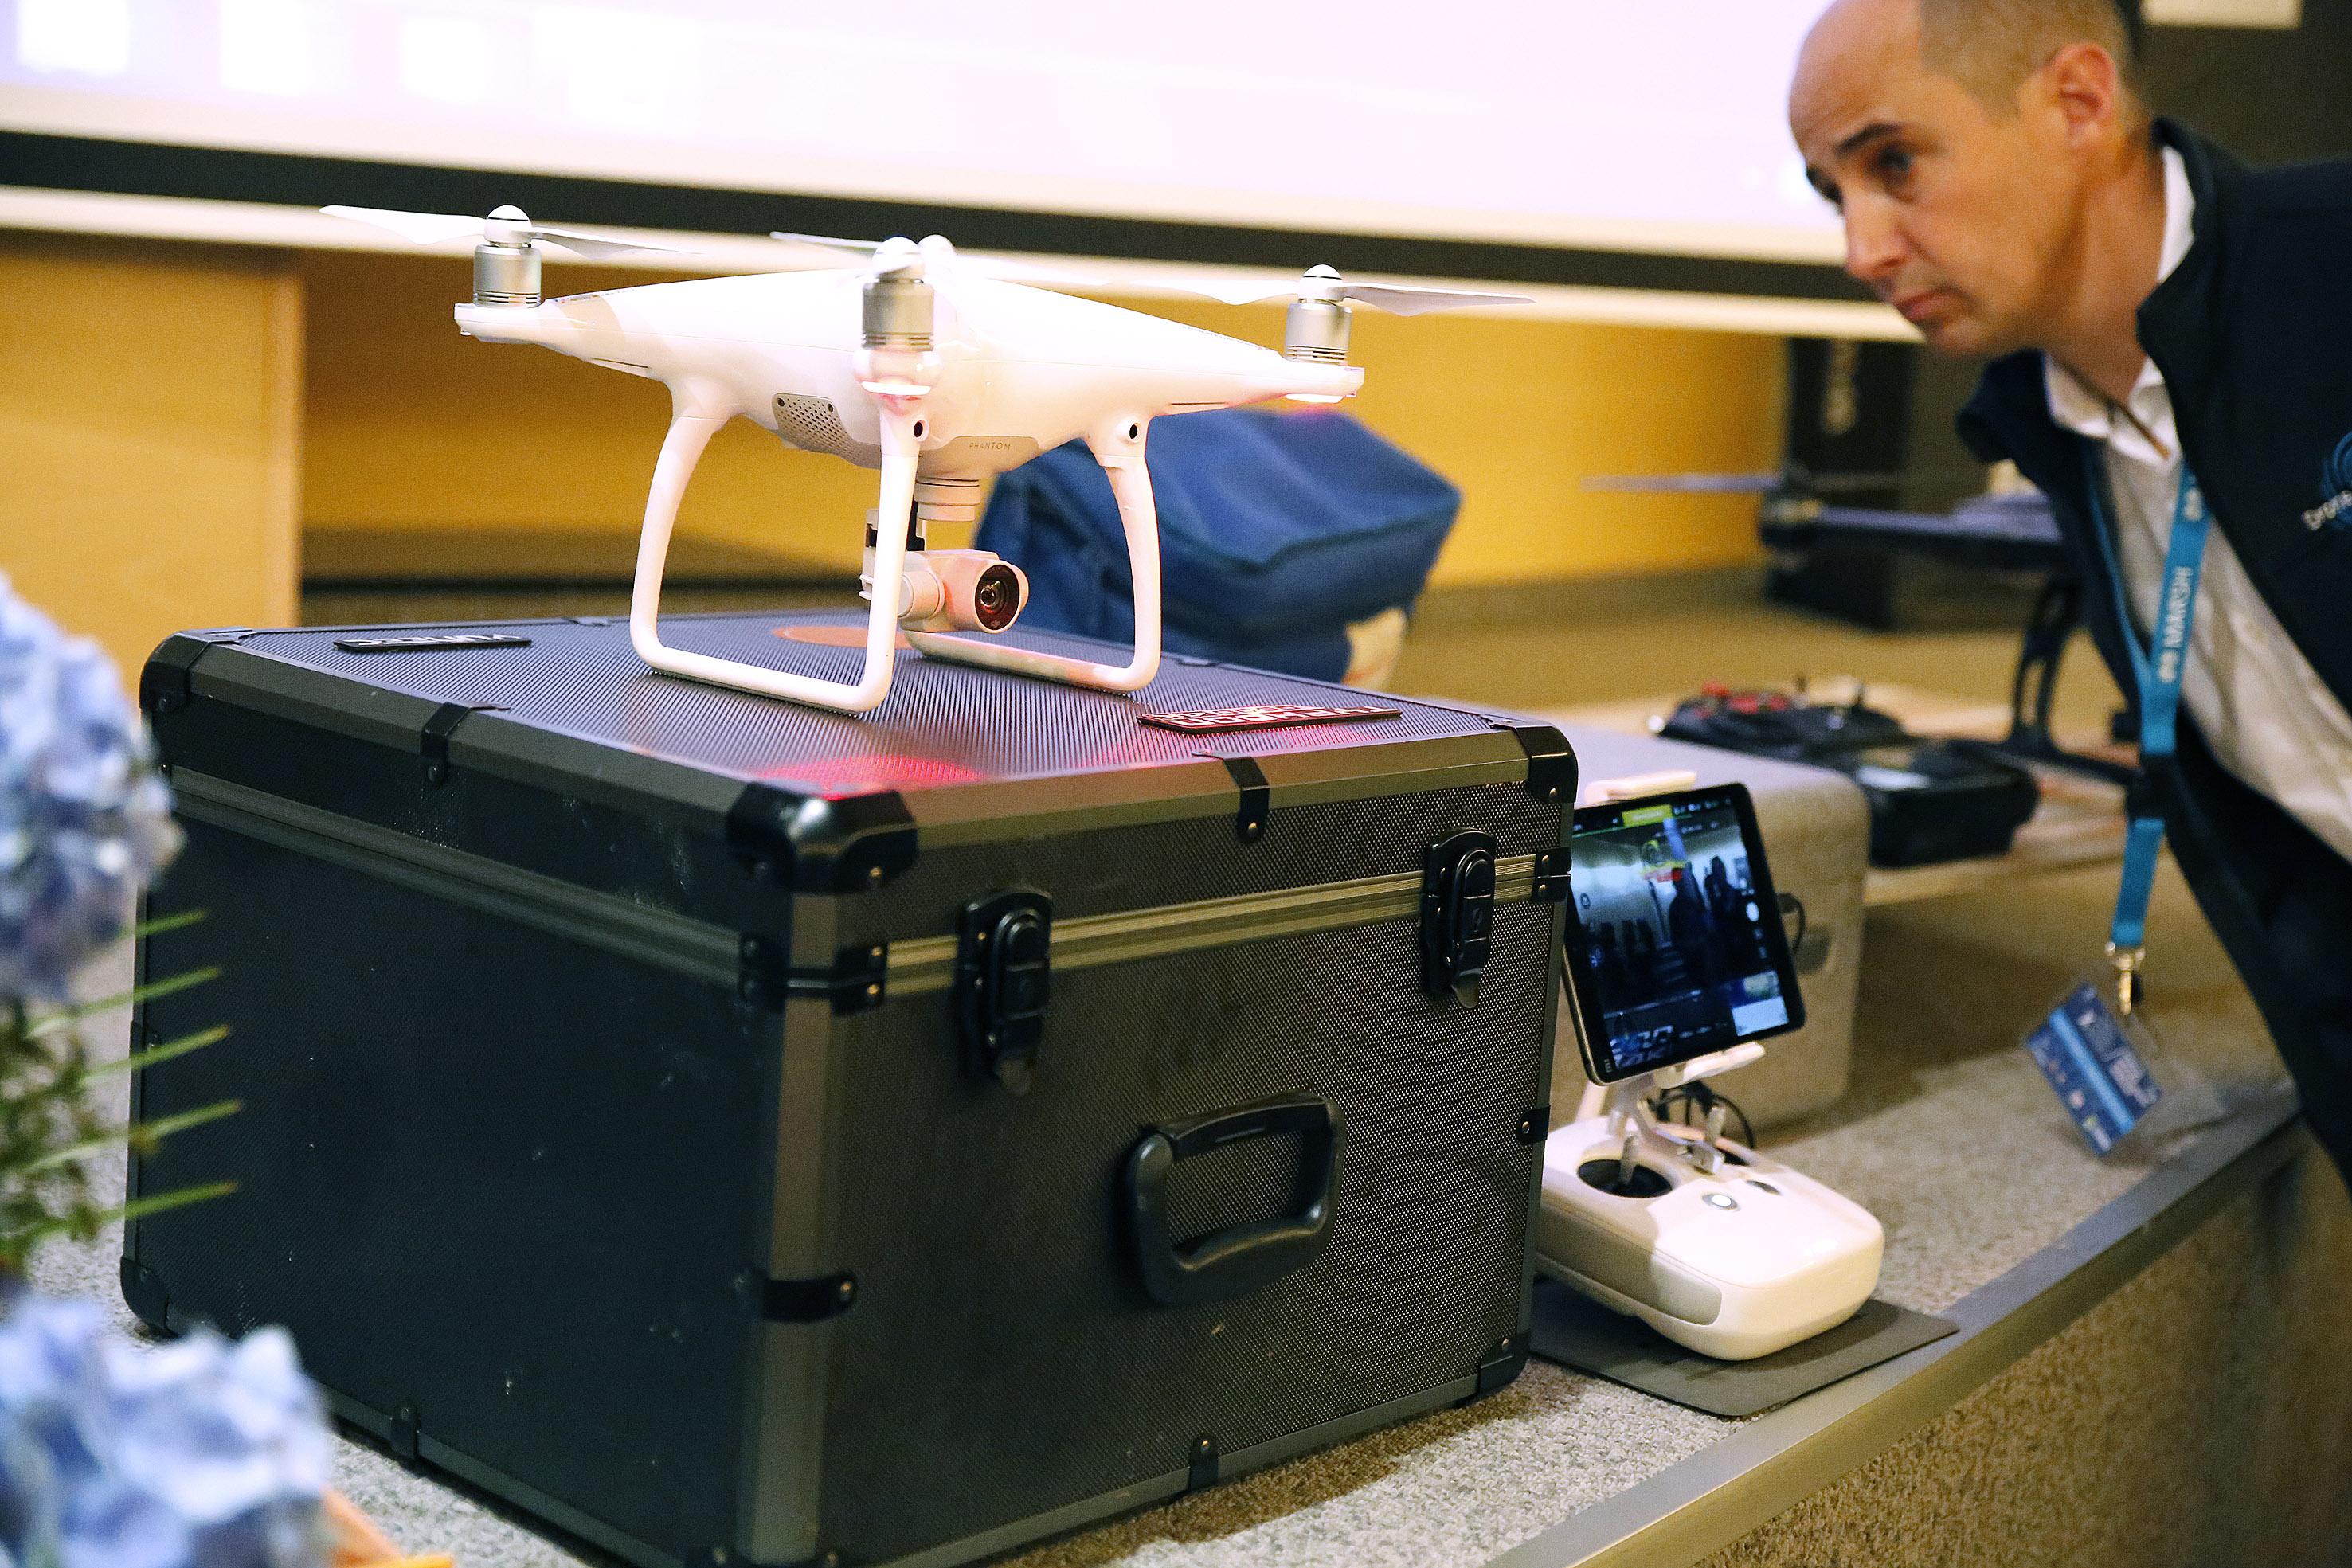 Jornadas-Gerencia-dron